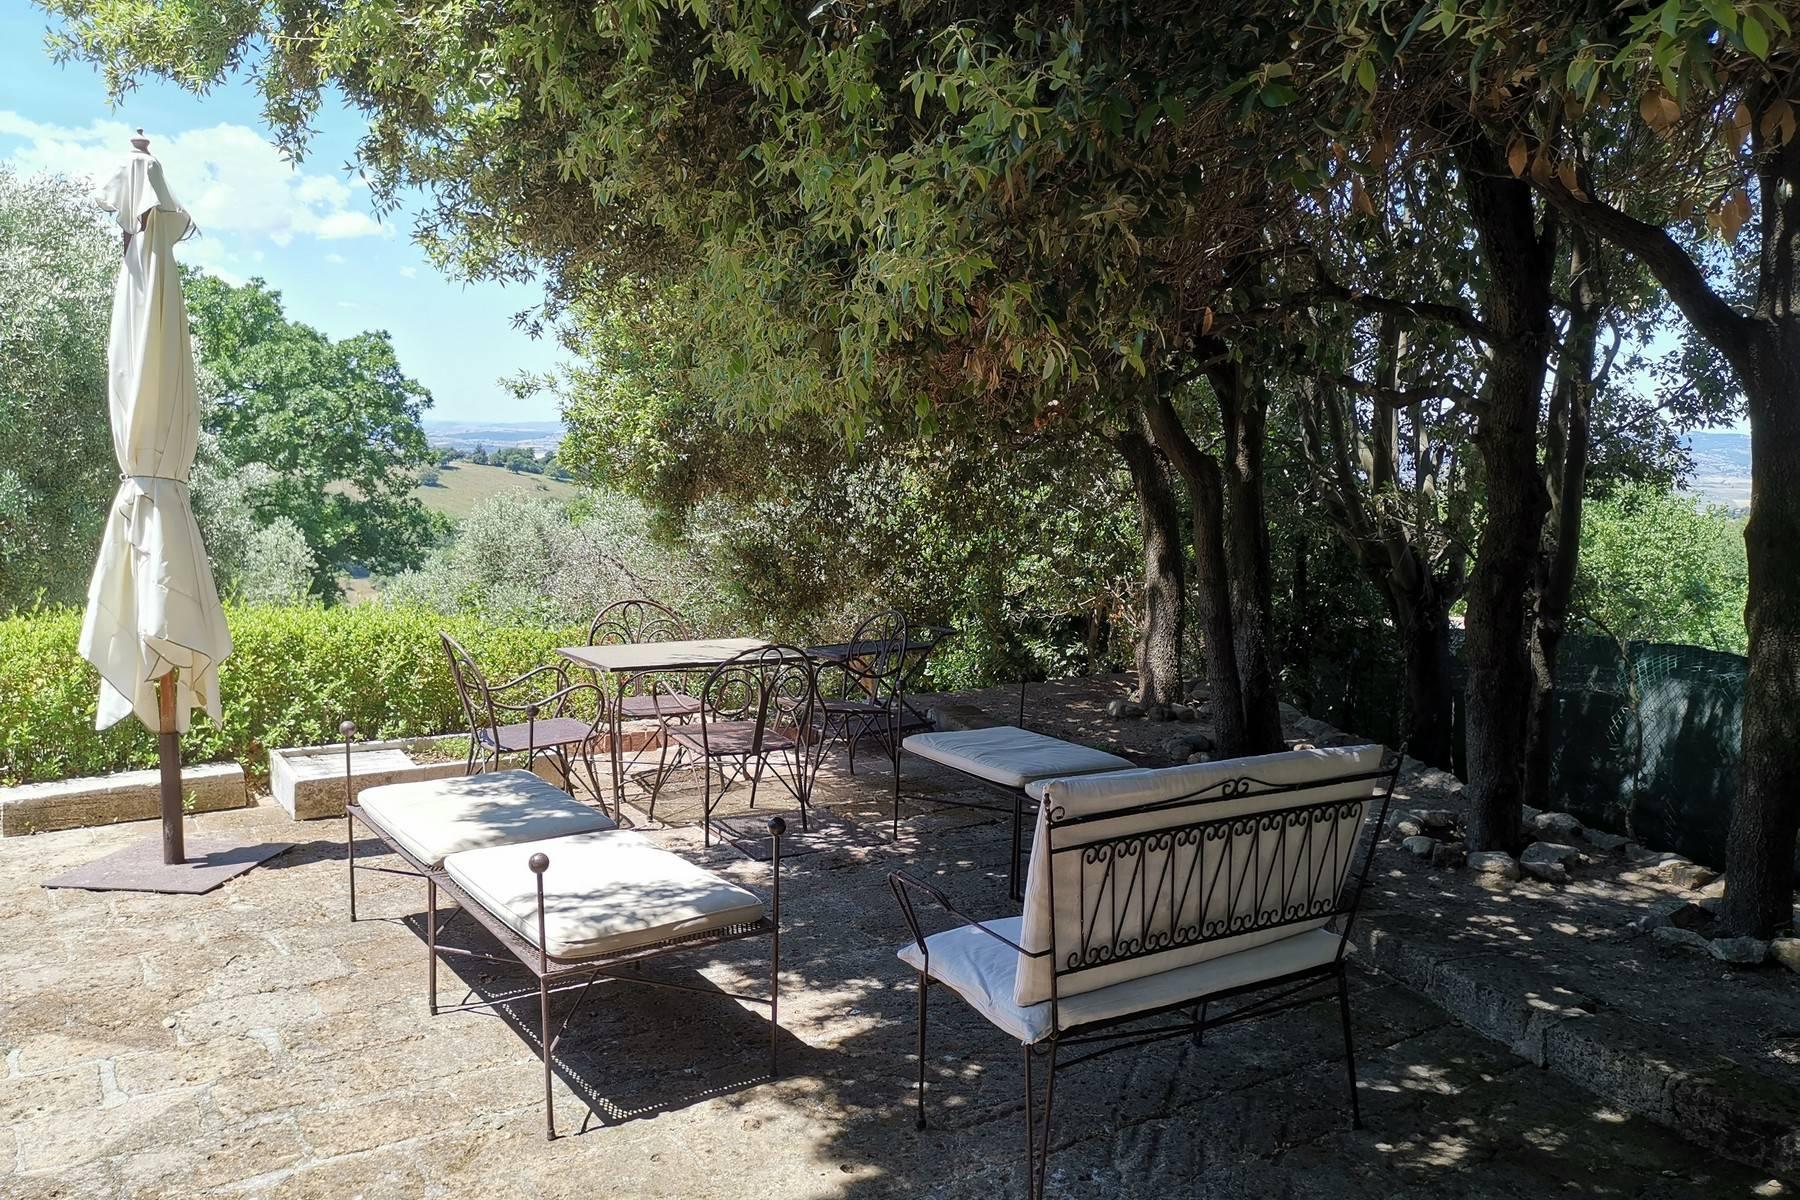 Casa indipendente in Vendita a Manciano: 5 locali, 240 mq - Foto 9